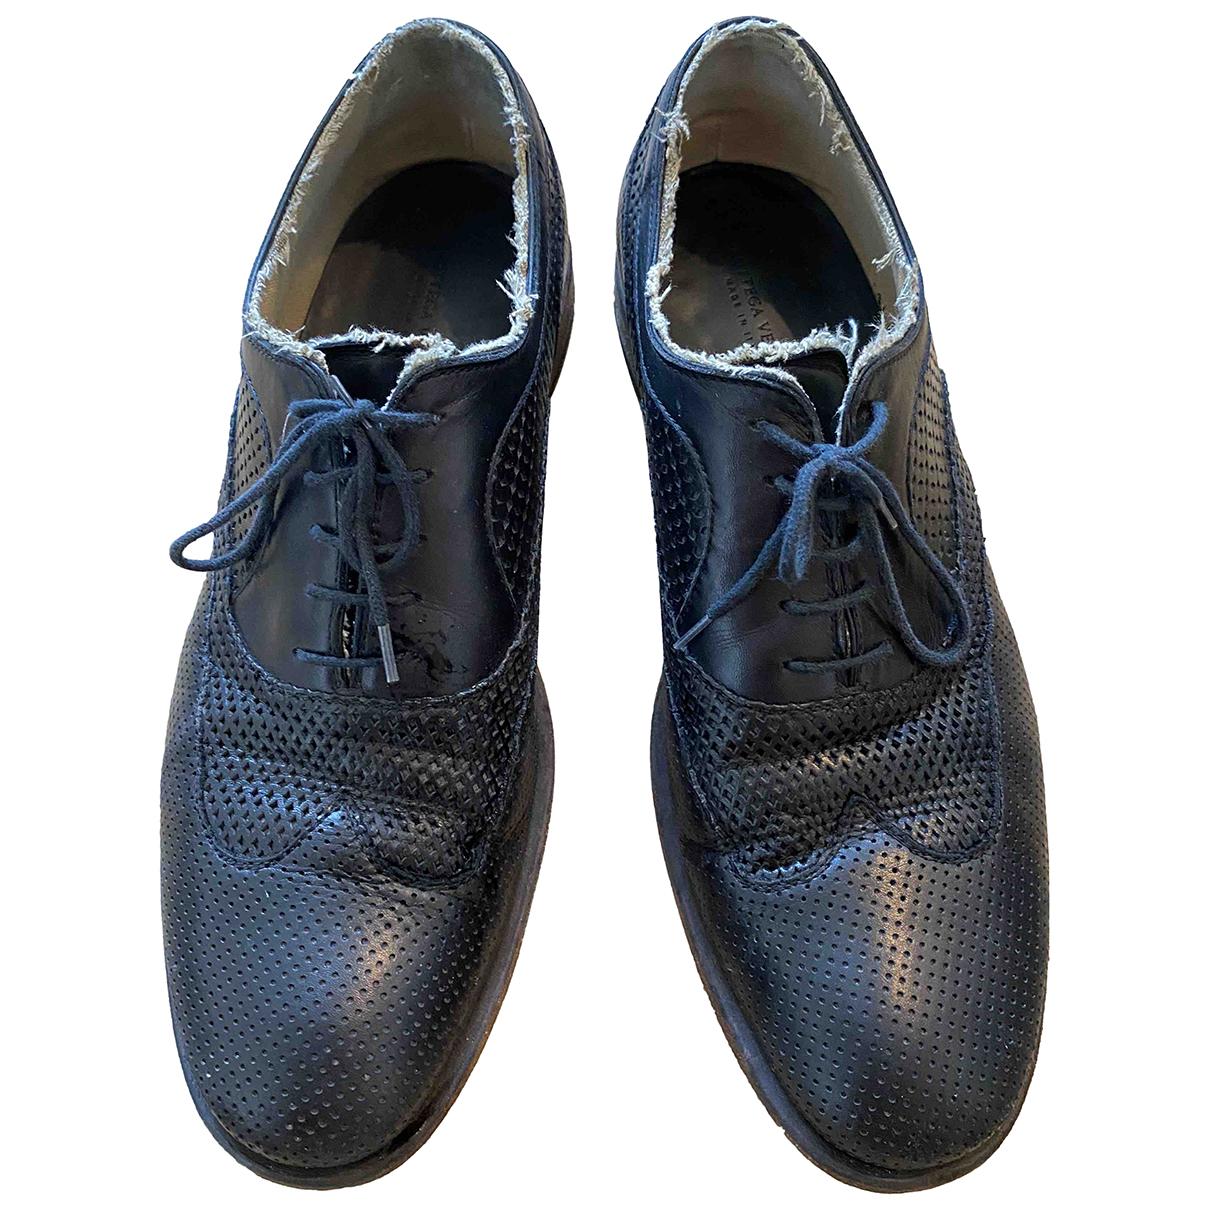 Bottega Veneta \N Black Leather Lace ups for Men 43 EU